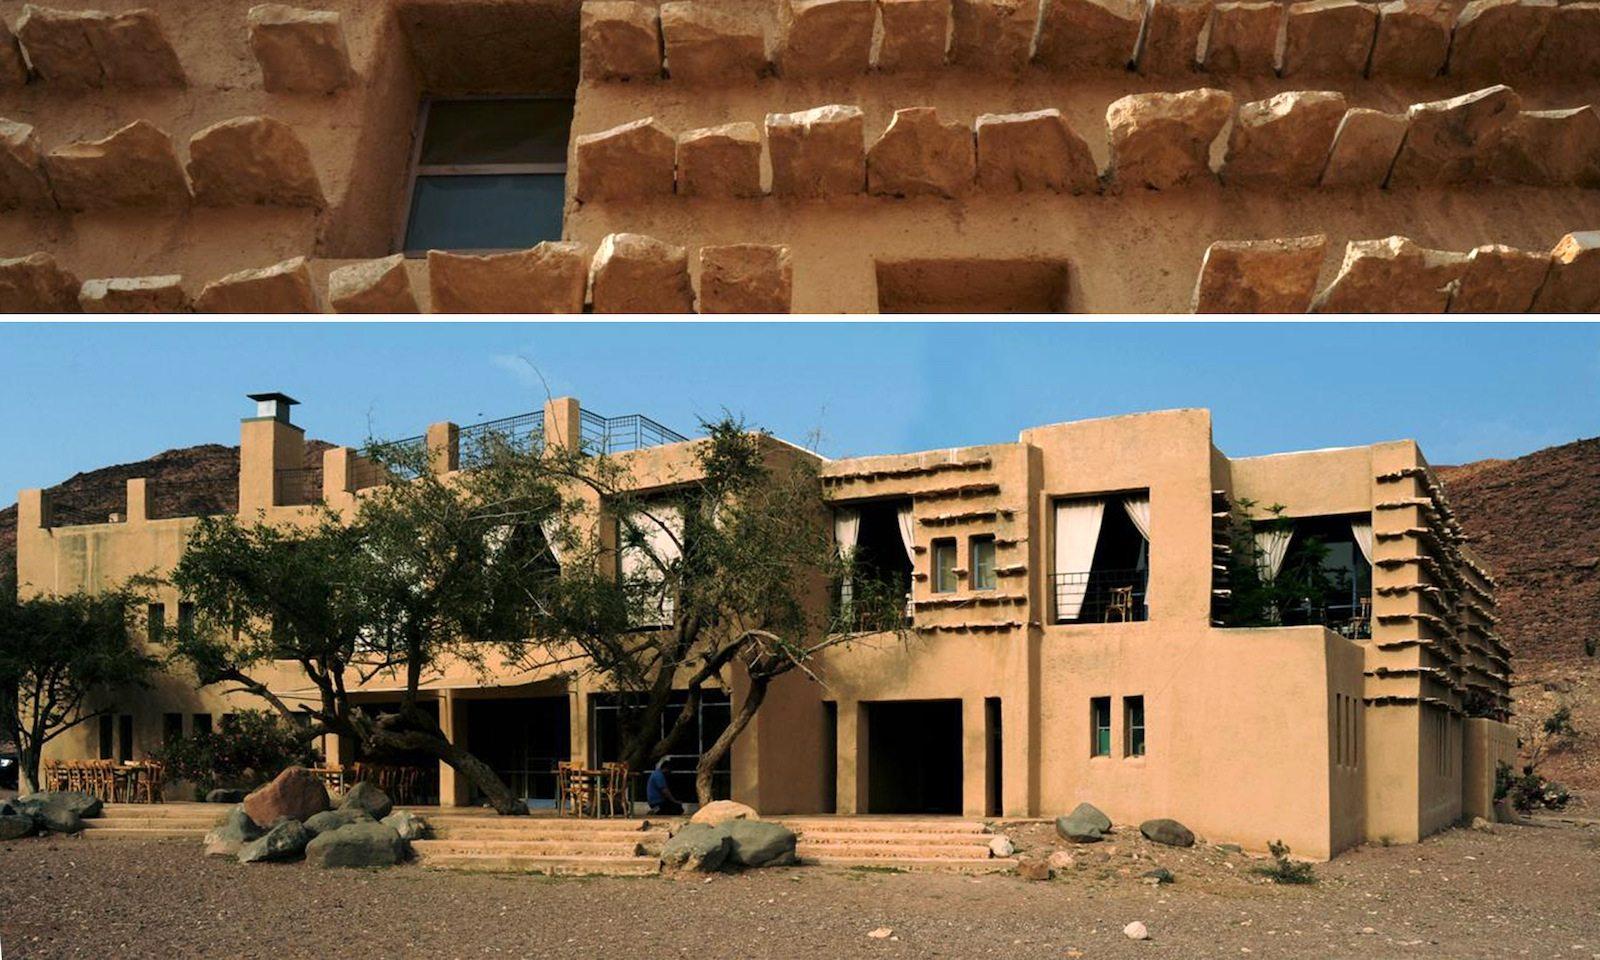 Feynan Eco-Lodge. Unterkunft in einem jordanischen Naturreservat mit Lehmwänden und Sonnenbrechern aus Gesteinsplatten